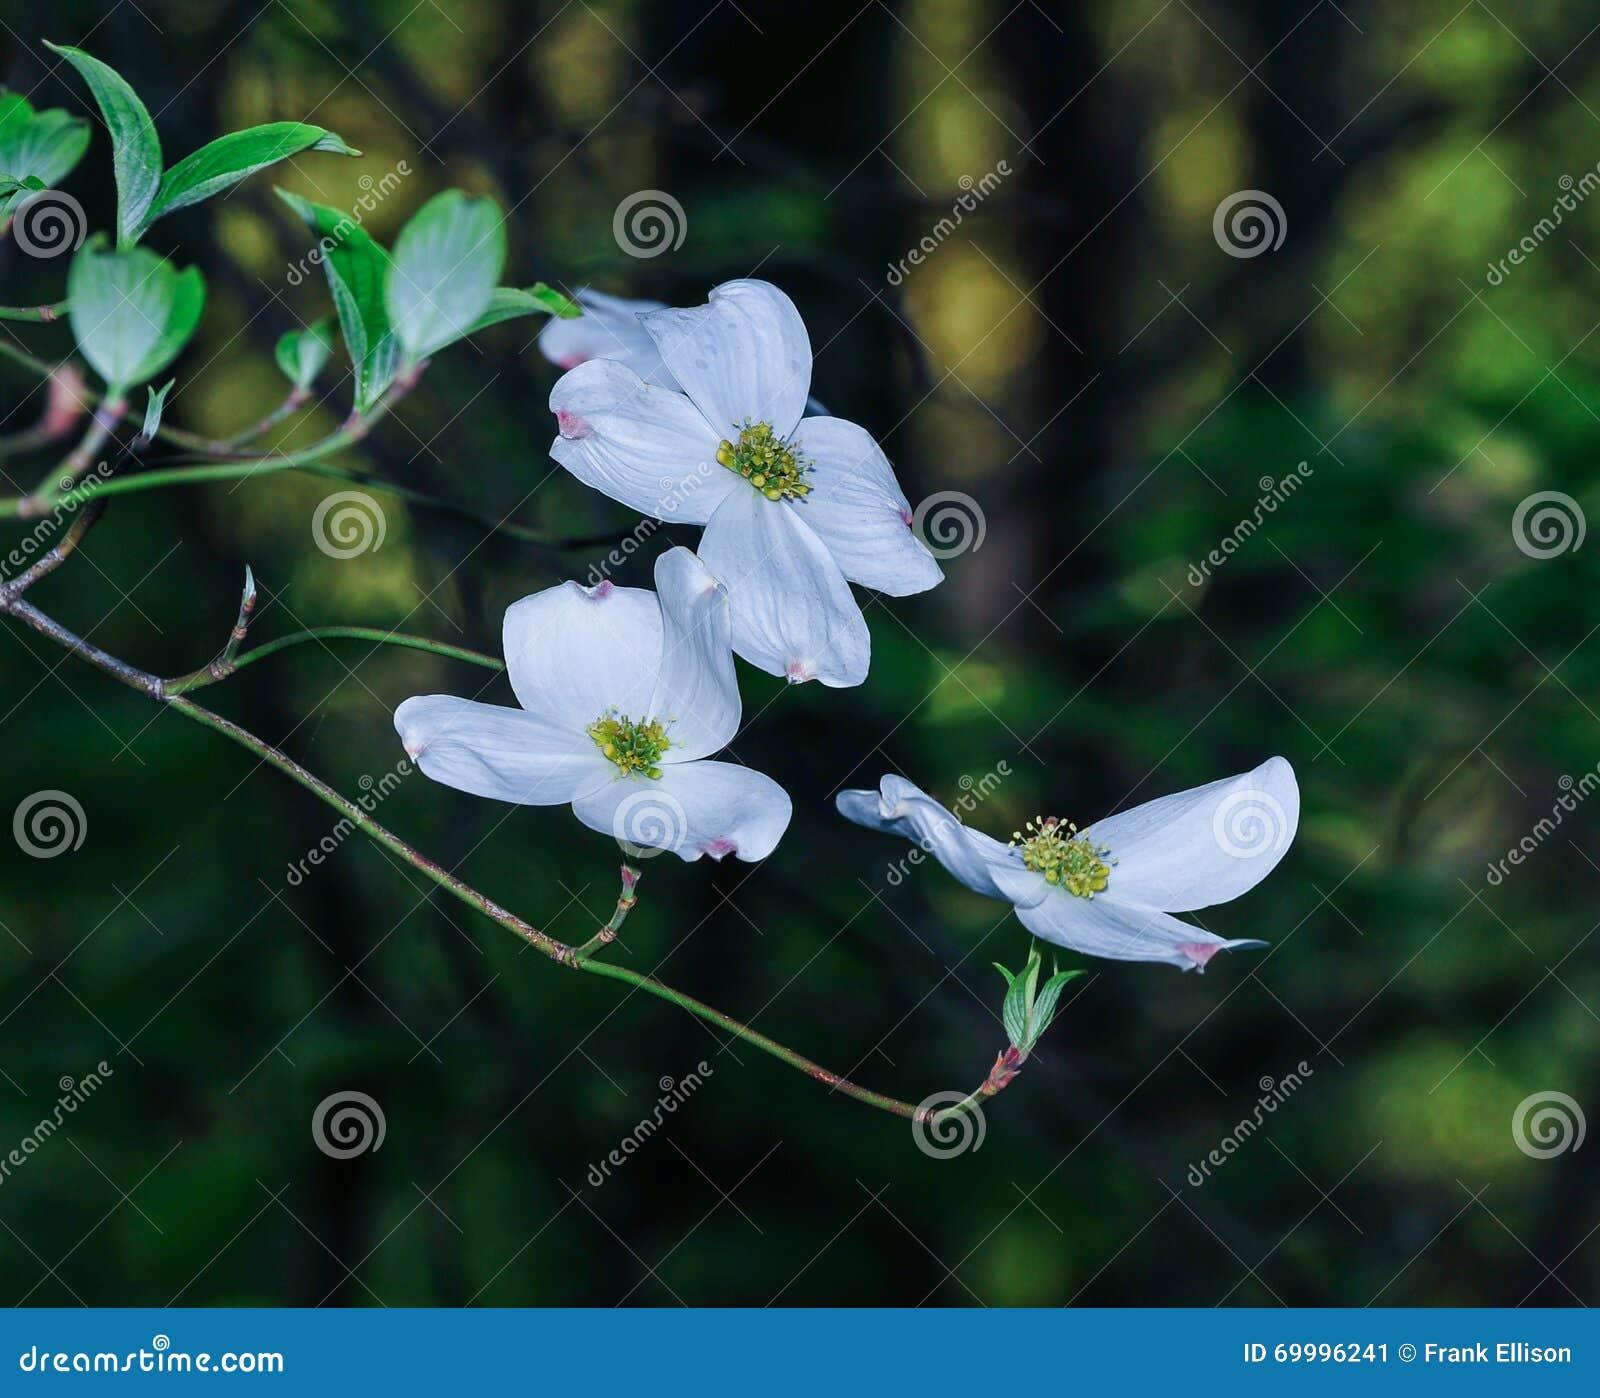 Flowering Tree Stock Image Image Of Tree Tips Flowering 69996241